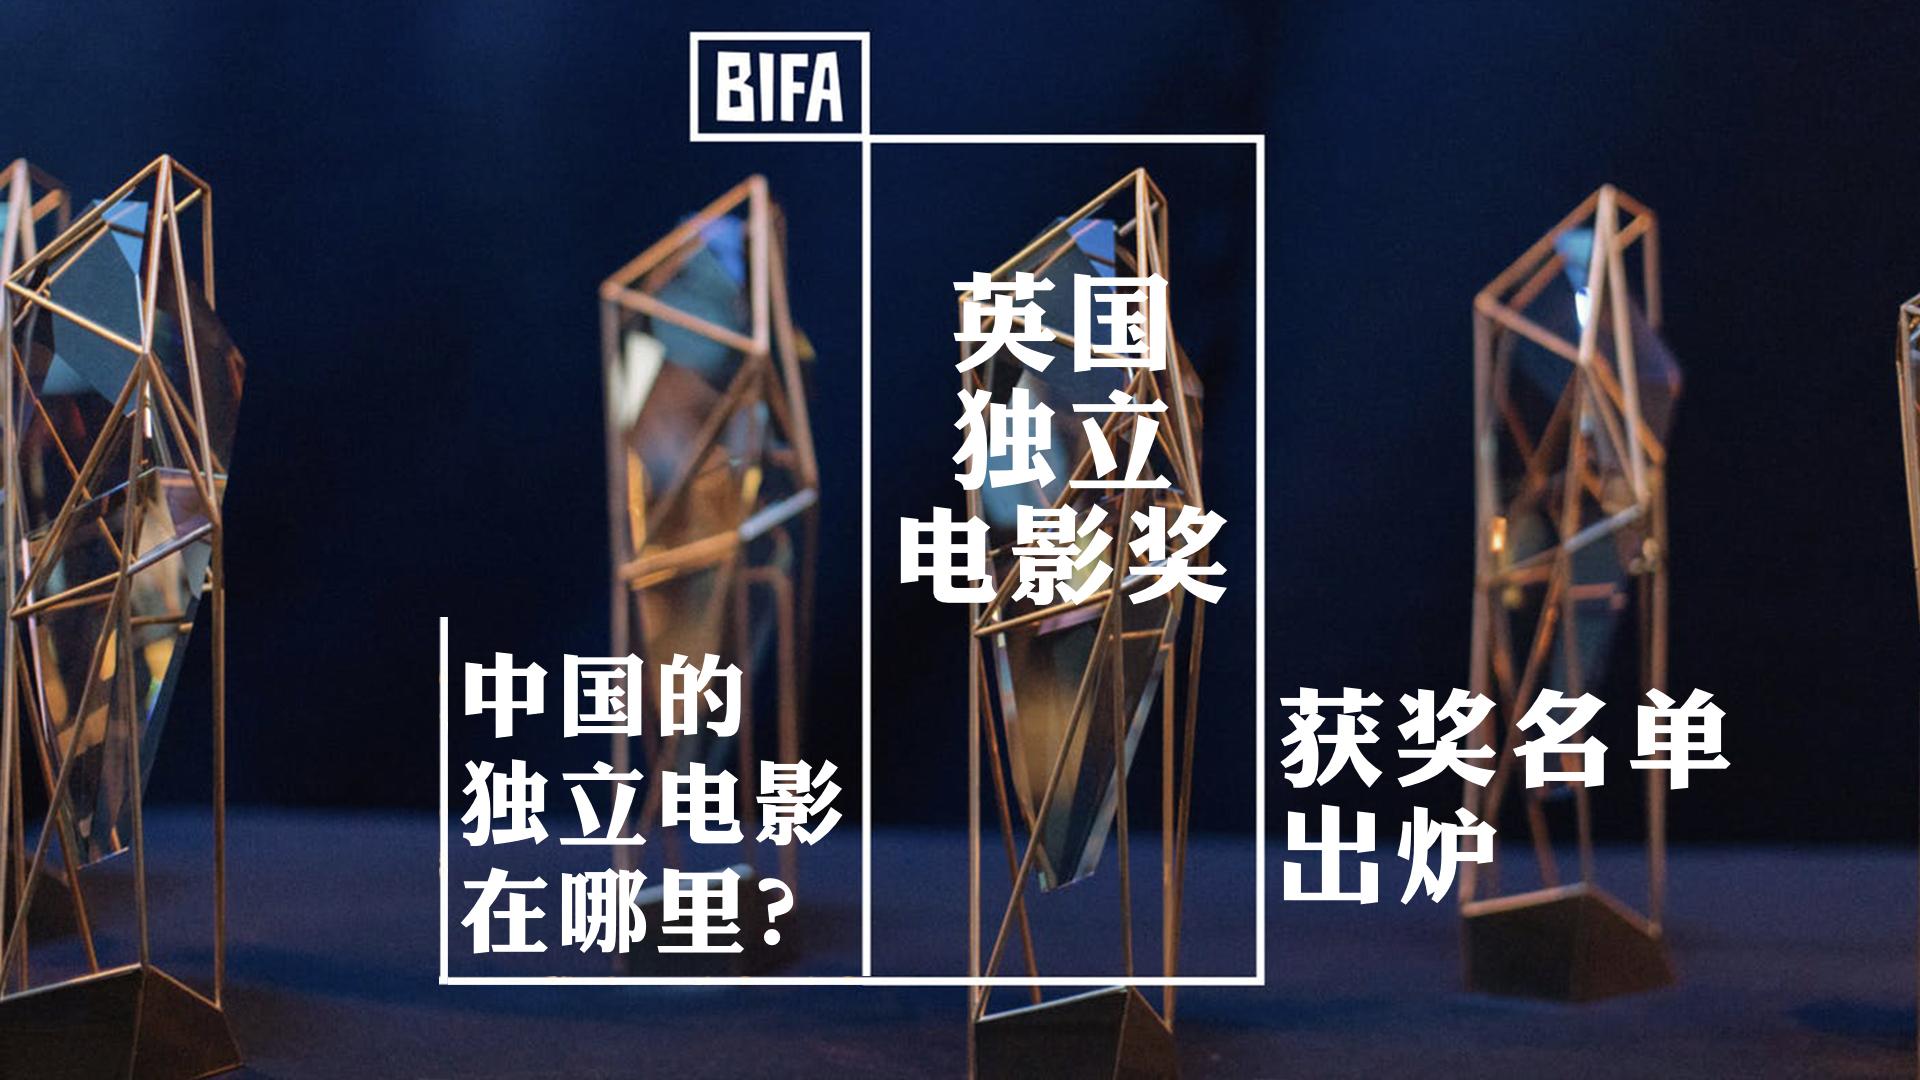 第22届英国独立电影奖获奖名单(非技术类)出炉啦.jpg